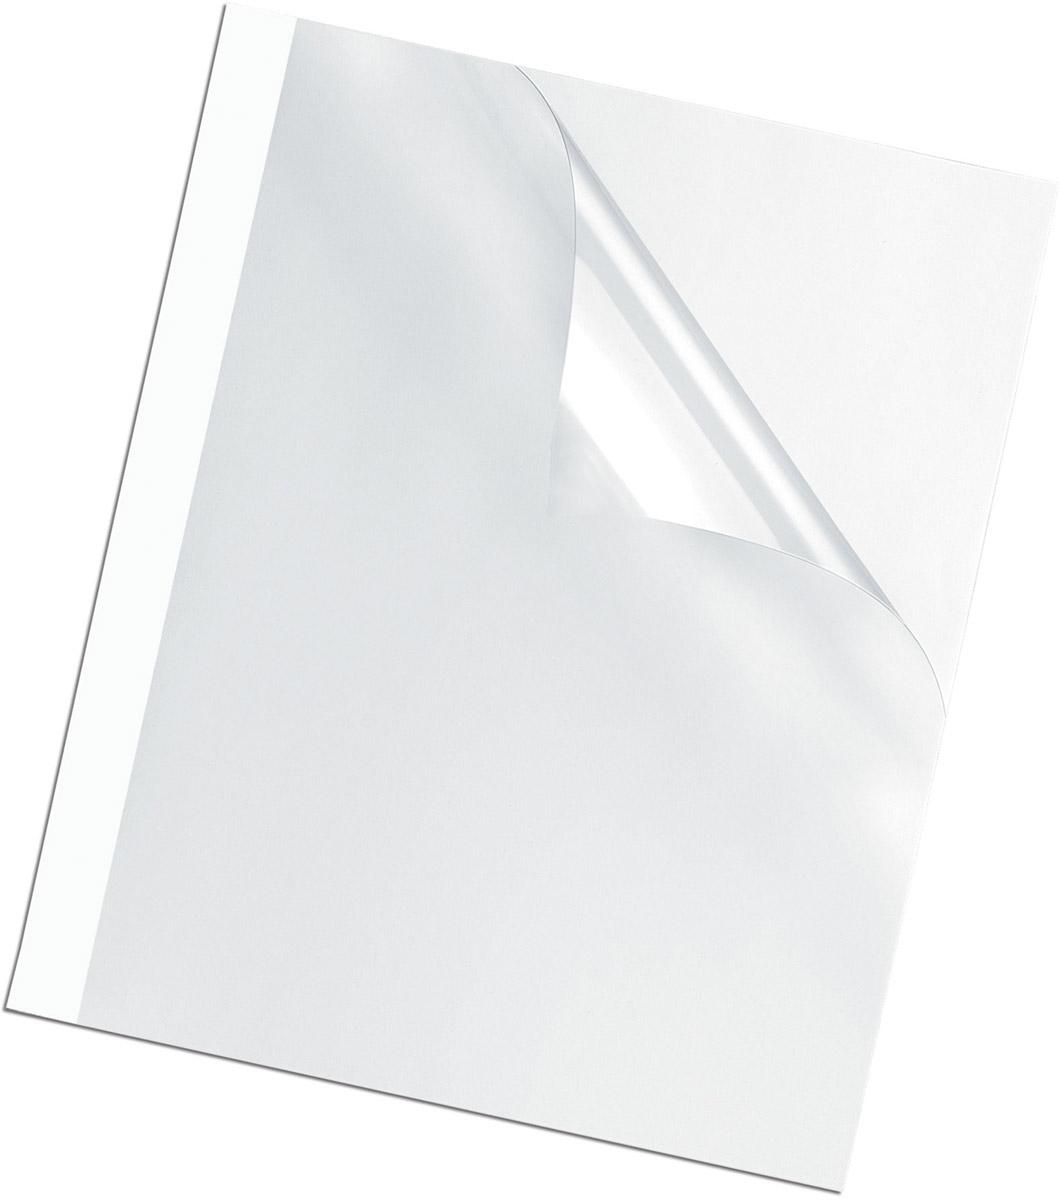 Fellowes FS-53152 A4, Transparent обложка для термопереплета (100 шт)FS-53152Обложка для термопереплета предназначена для оформления документов. Верх обложки – прозрачный PVC (150мкм), низ выполнен из глянцевого картона (220гр/кв.м). 100 штукв розничной упаковке.